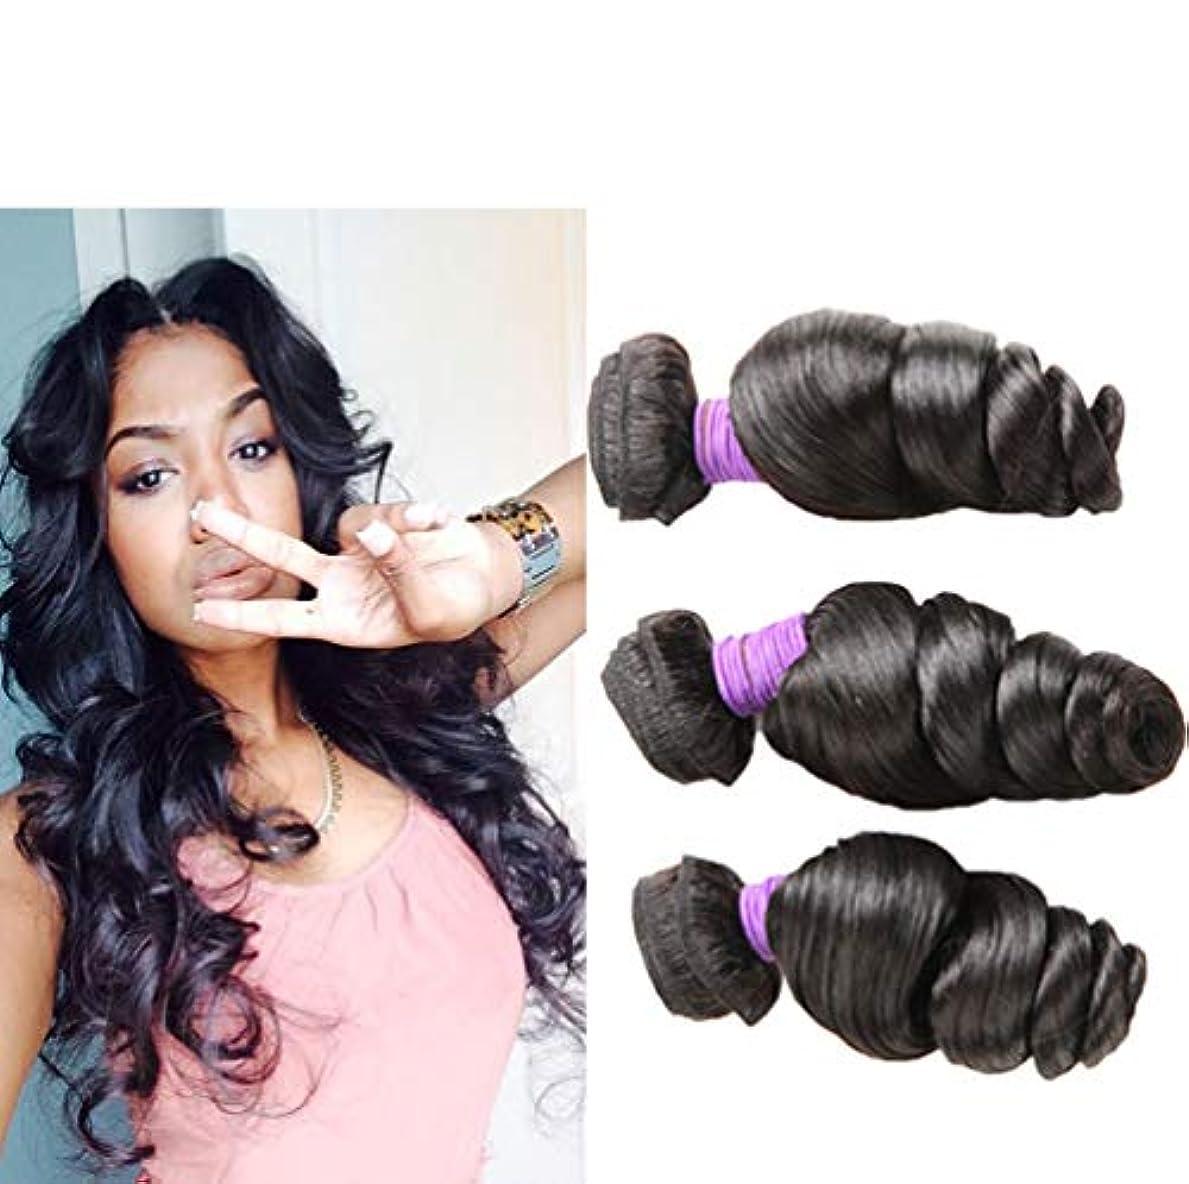 混沌国旗哺乳類女性ブラジルのバージンの人間の毛髪の体の波100%の人間の毛髪の織り方の自然な黒い色(3束)